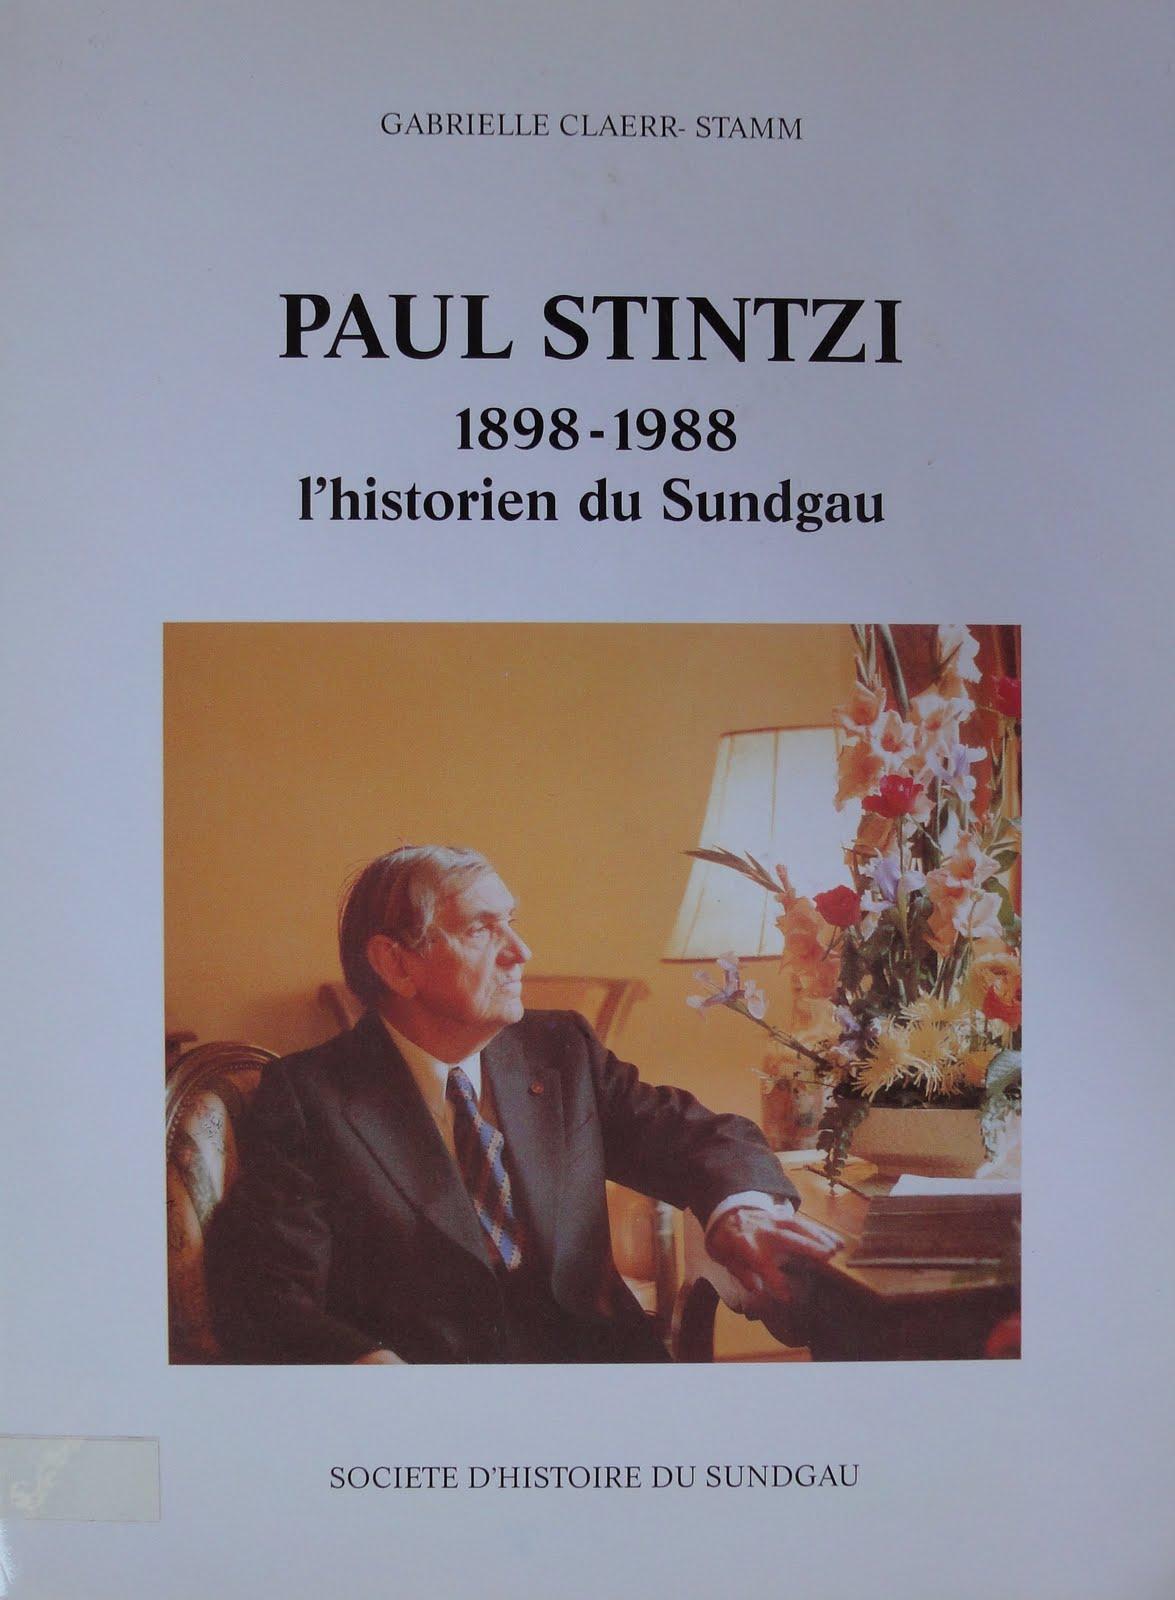 paul stintzi 1898 1988 historien du sundgau g n alogie et histoire locale en haute alsace. Black Bedroom Furniture Sets. Home Design Ideas